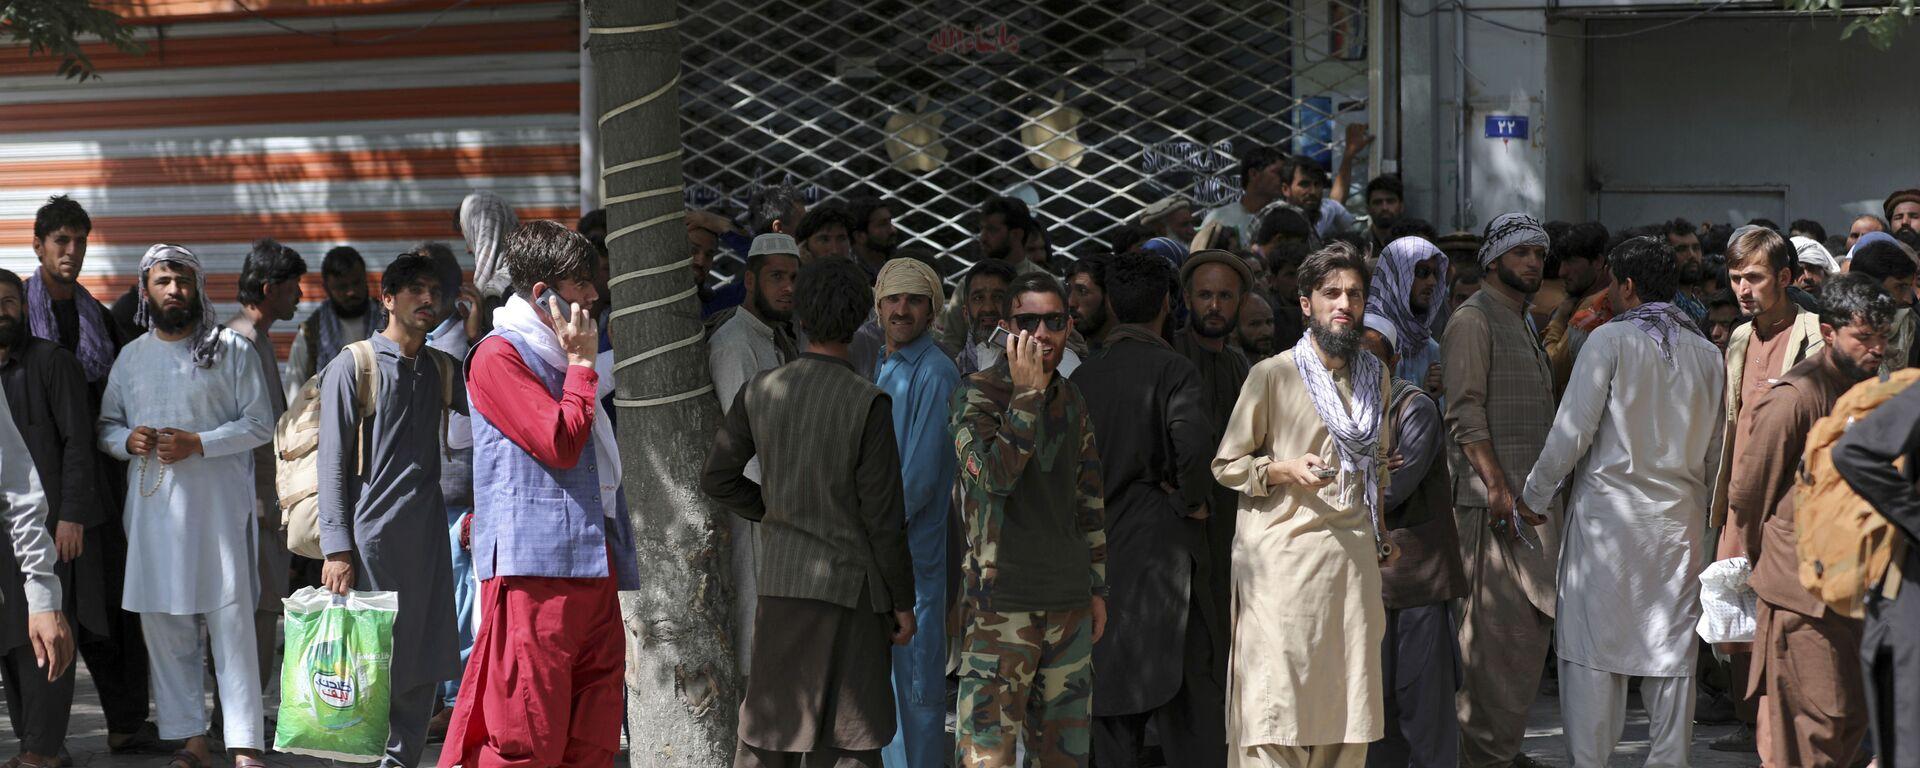 Афганцы в очереди в банк в Кабуле  - Sputnik Таджикистан, 1920, 07.09.2021